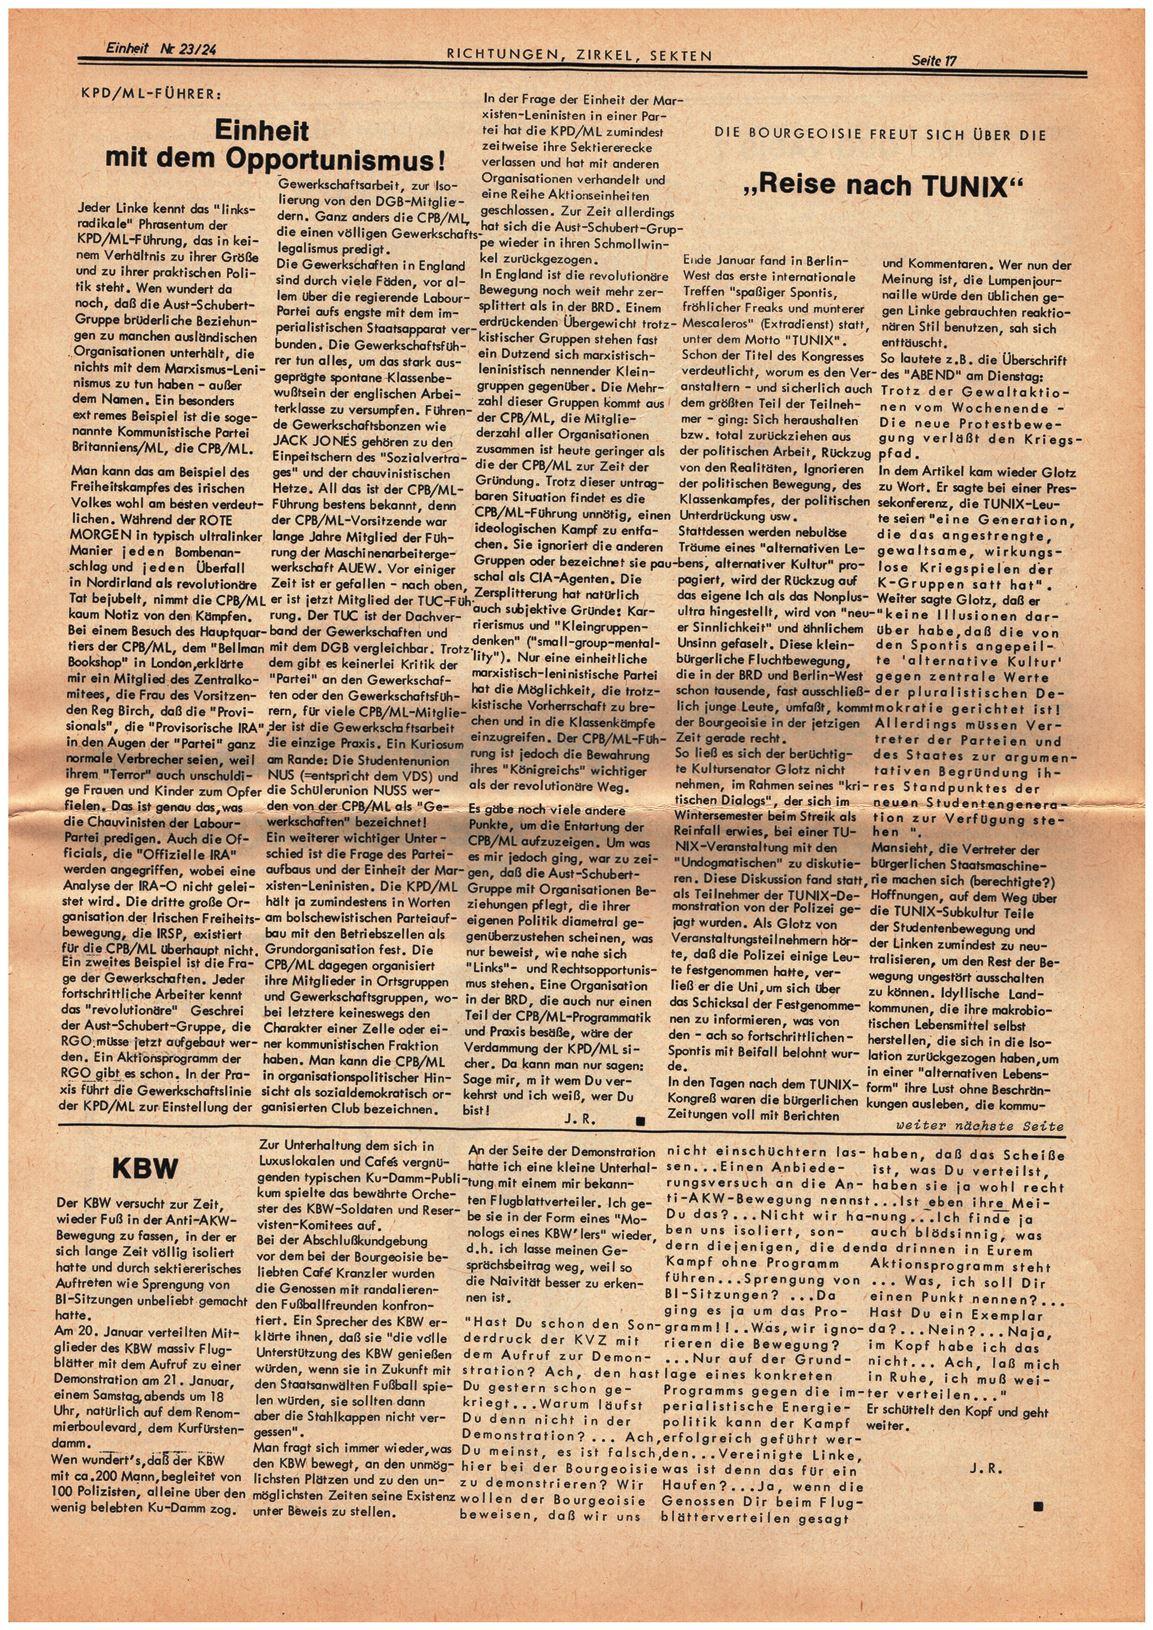 Koeln_IPdA_Einheit_1978_023_024_019